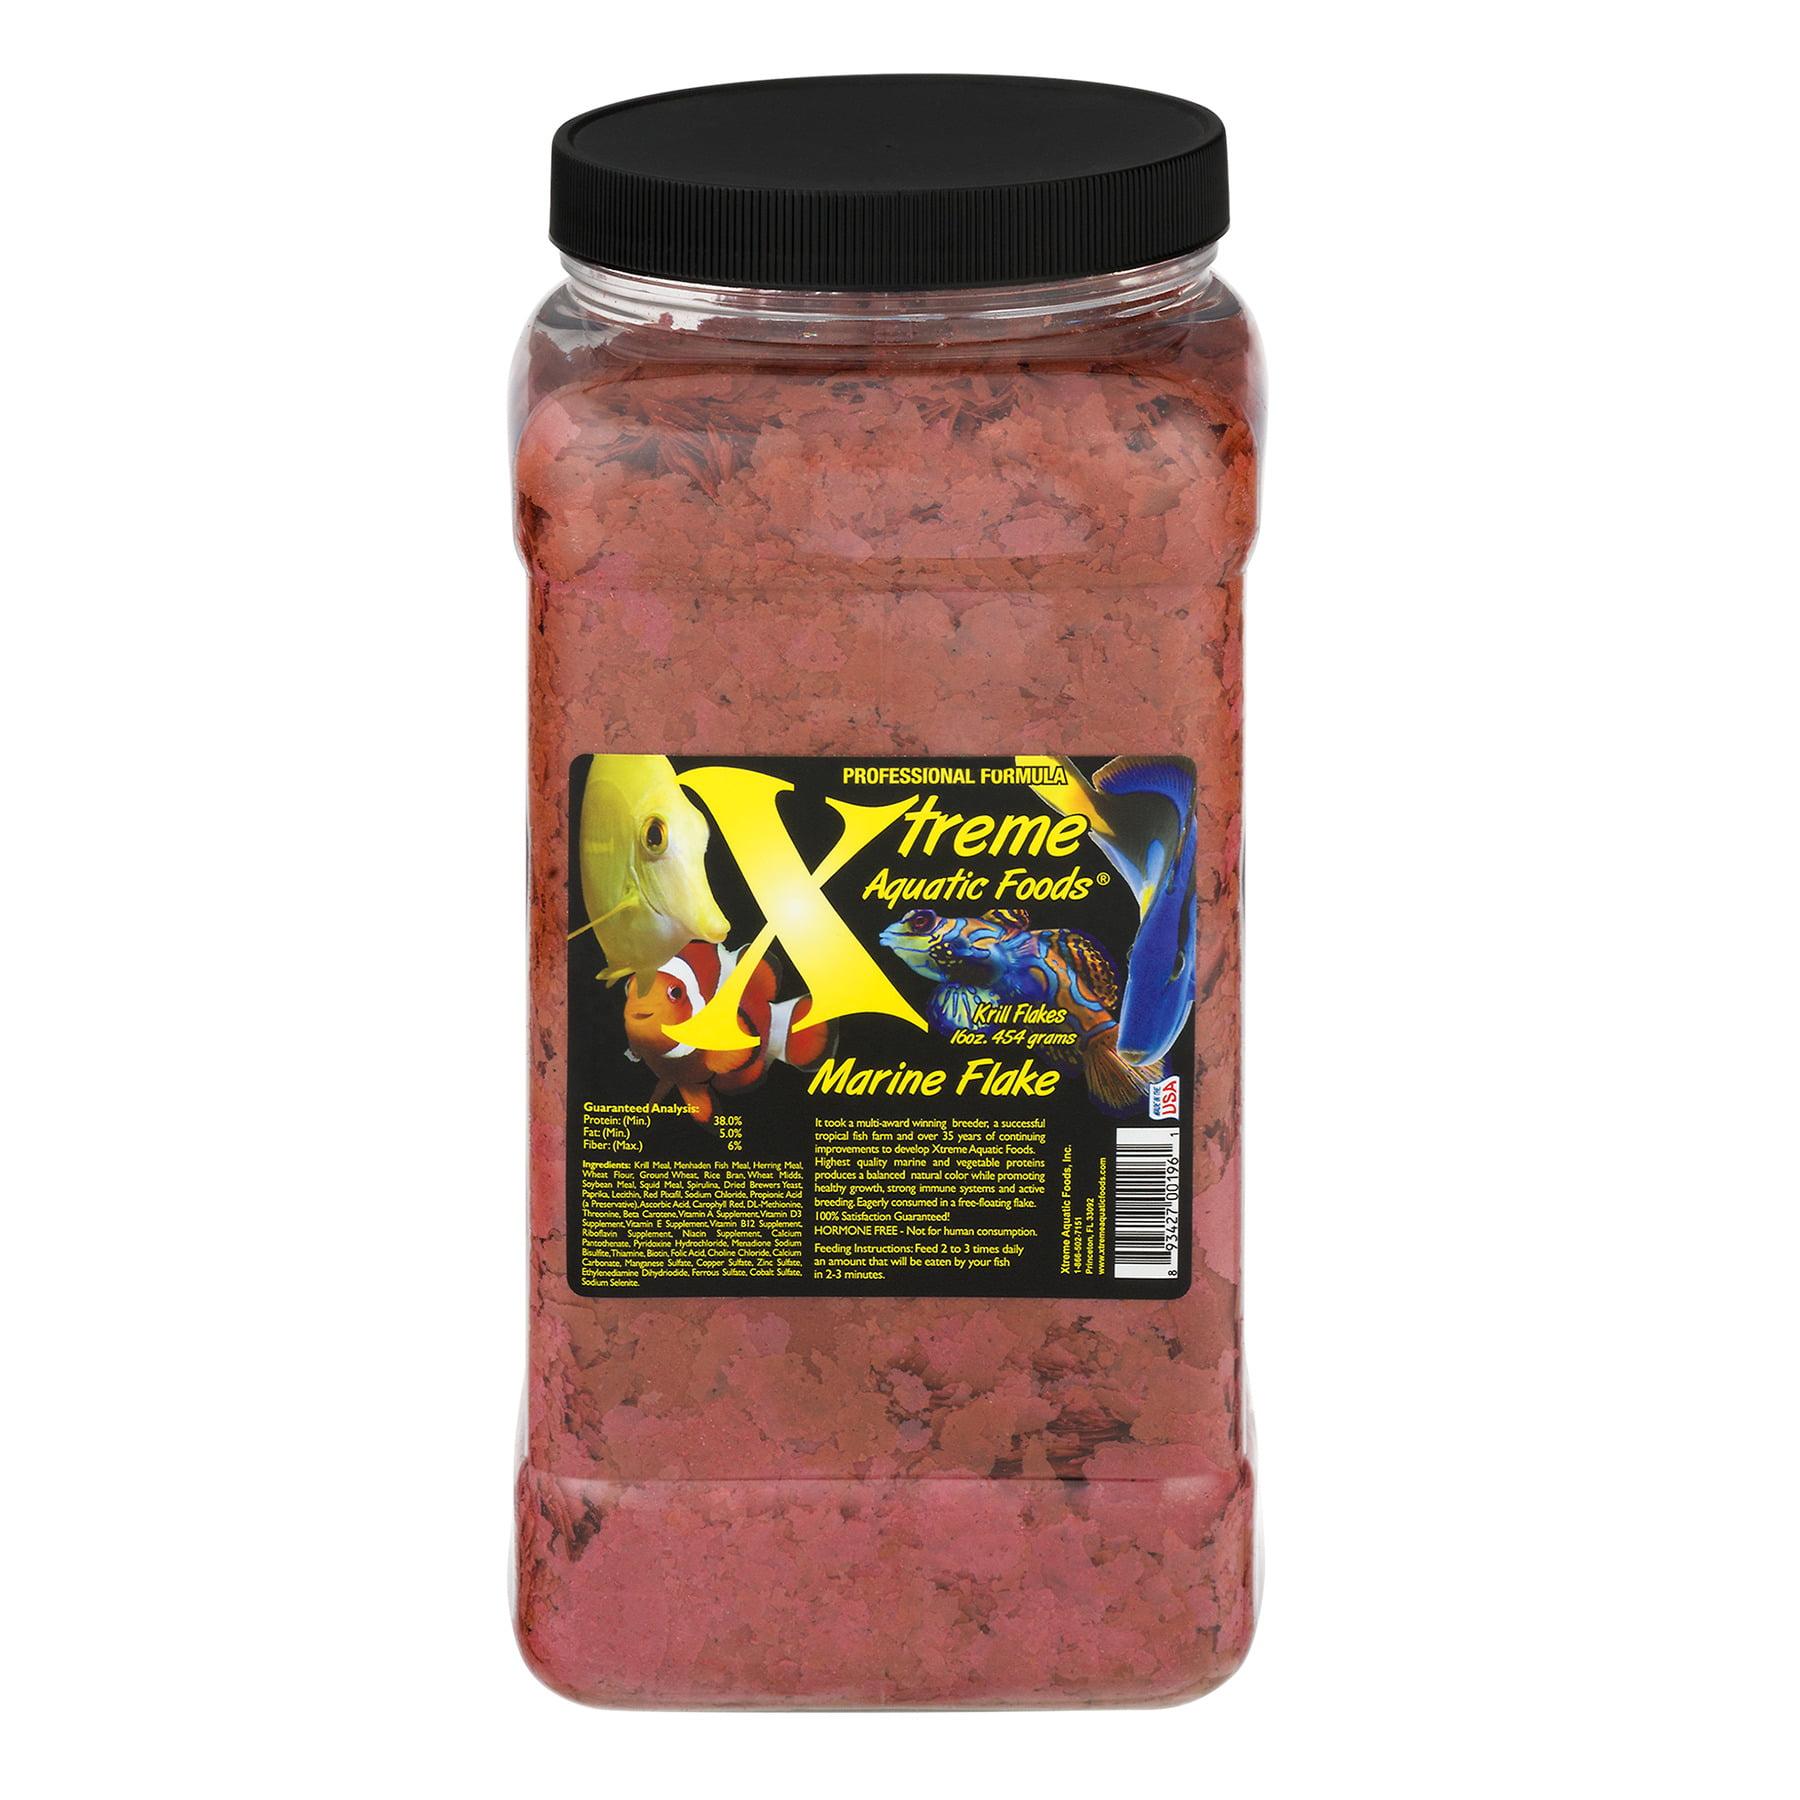 Xtreme Aquatic Marine Krill/Shrimp Crav Flakes Fish Food, 16 oz